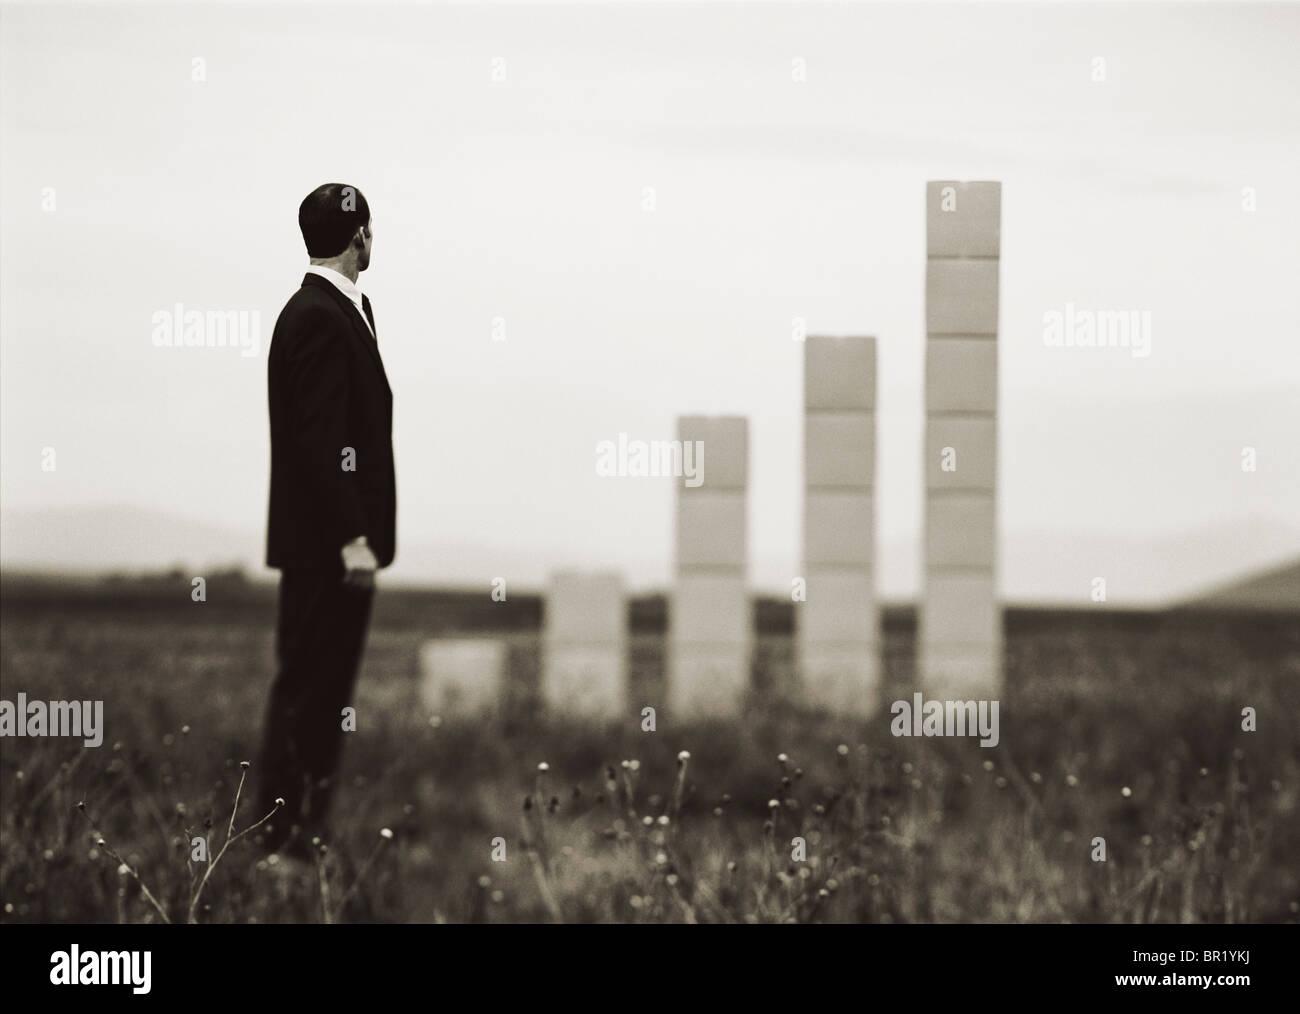 Mann, auf Feld mit stapeln sich Kisten bilden ein Diagramm. Stockbild